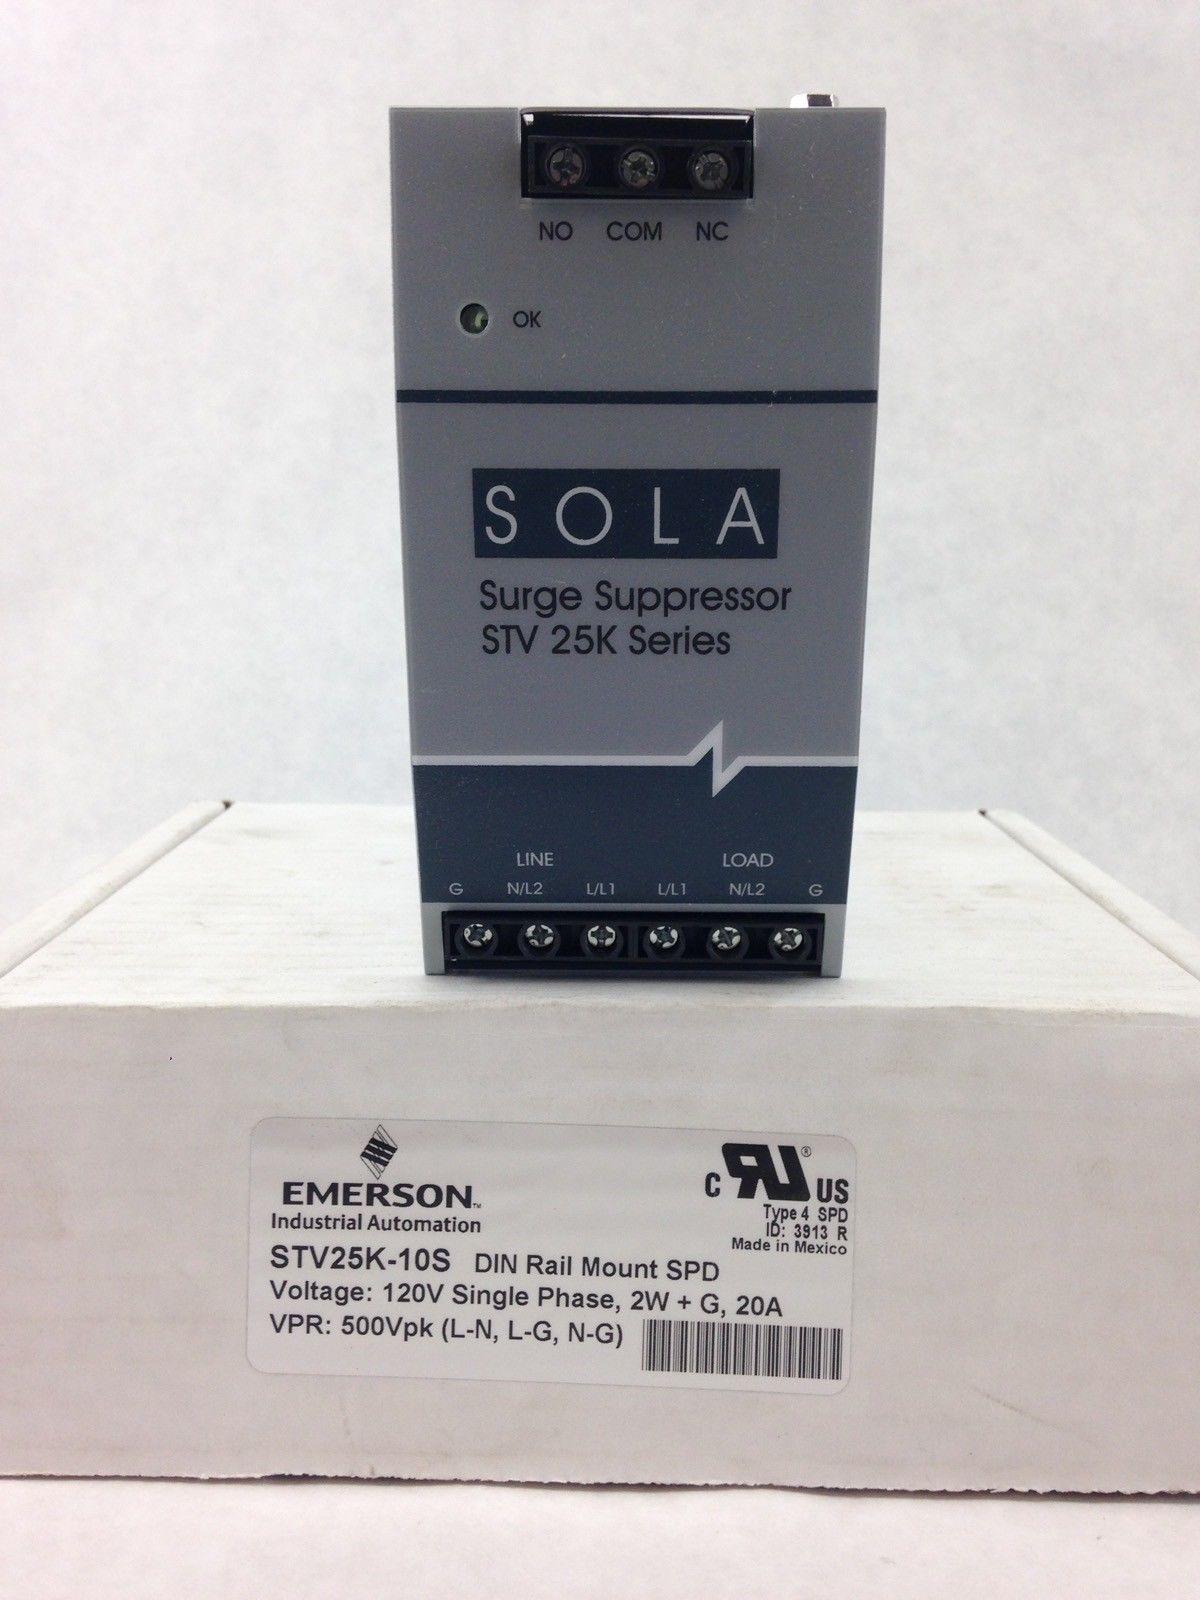 SOLA EMERSON STV25K 10S 120V SURGE SUPPRESSOR (B418) 1